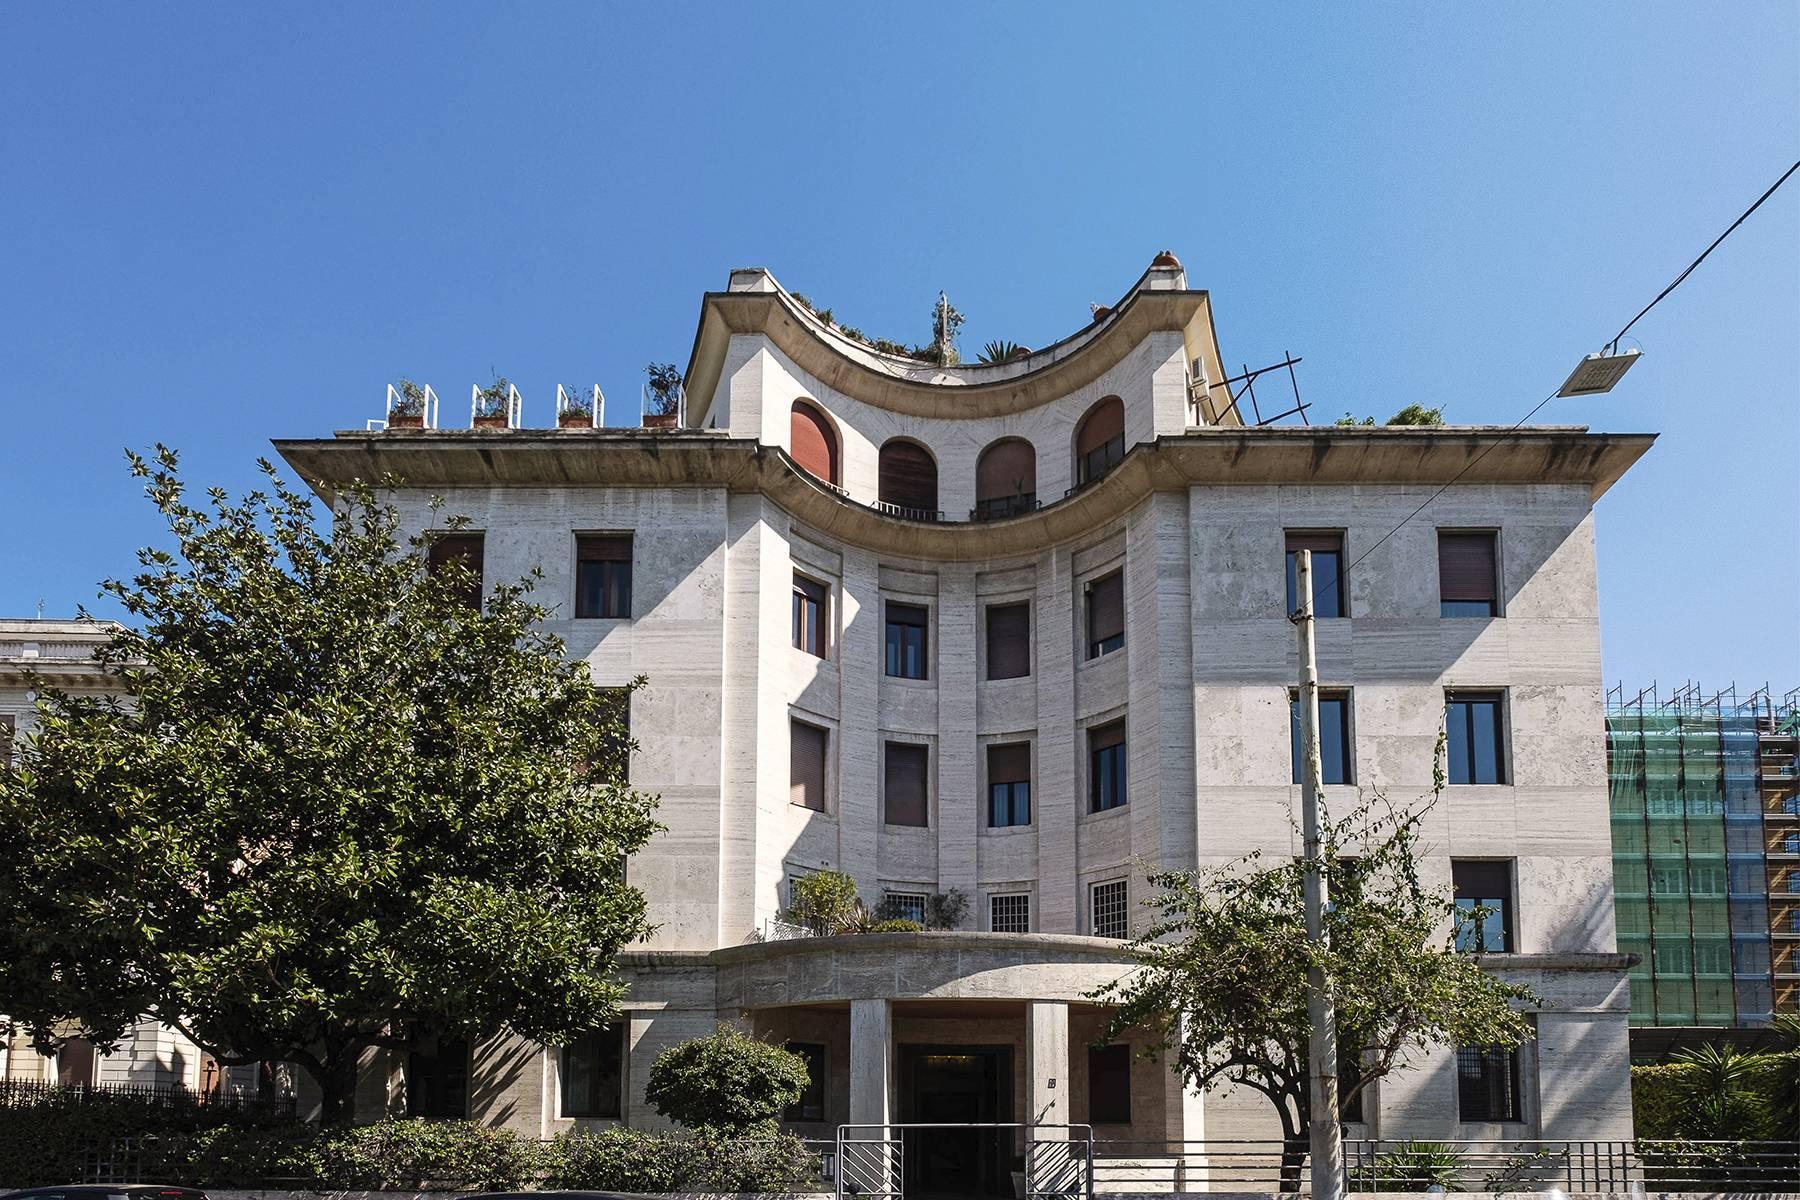 Appartement spacieux dans le quartier Flaminio - 1